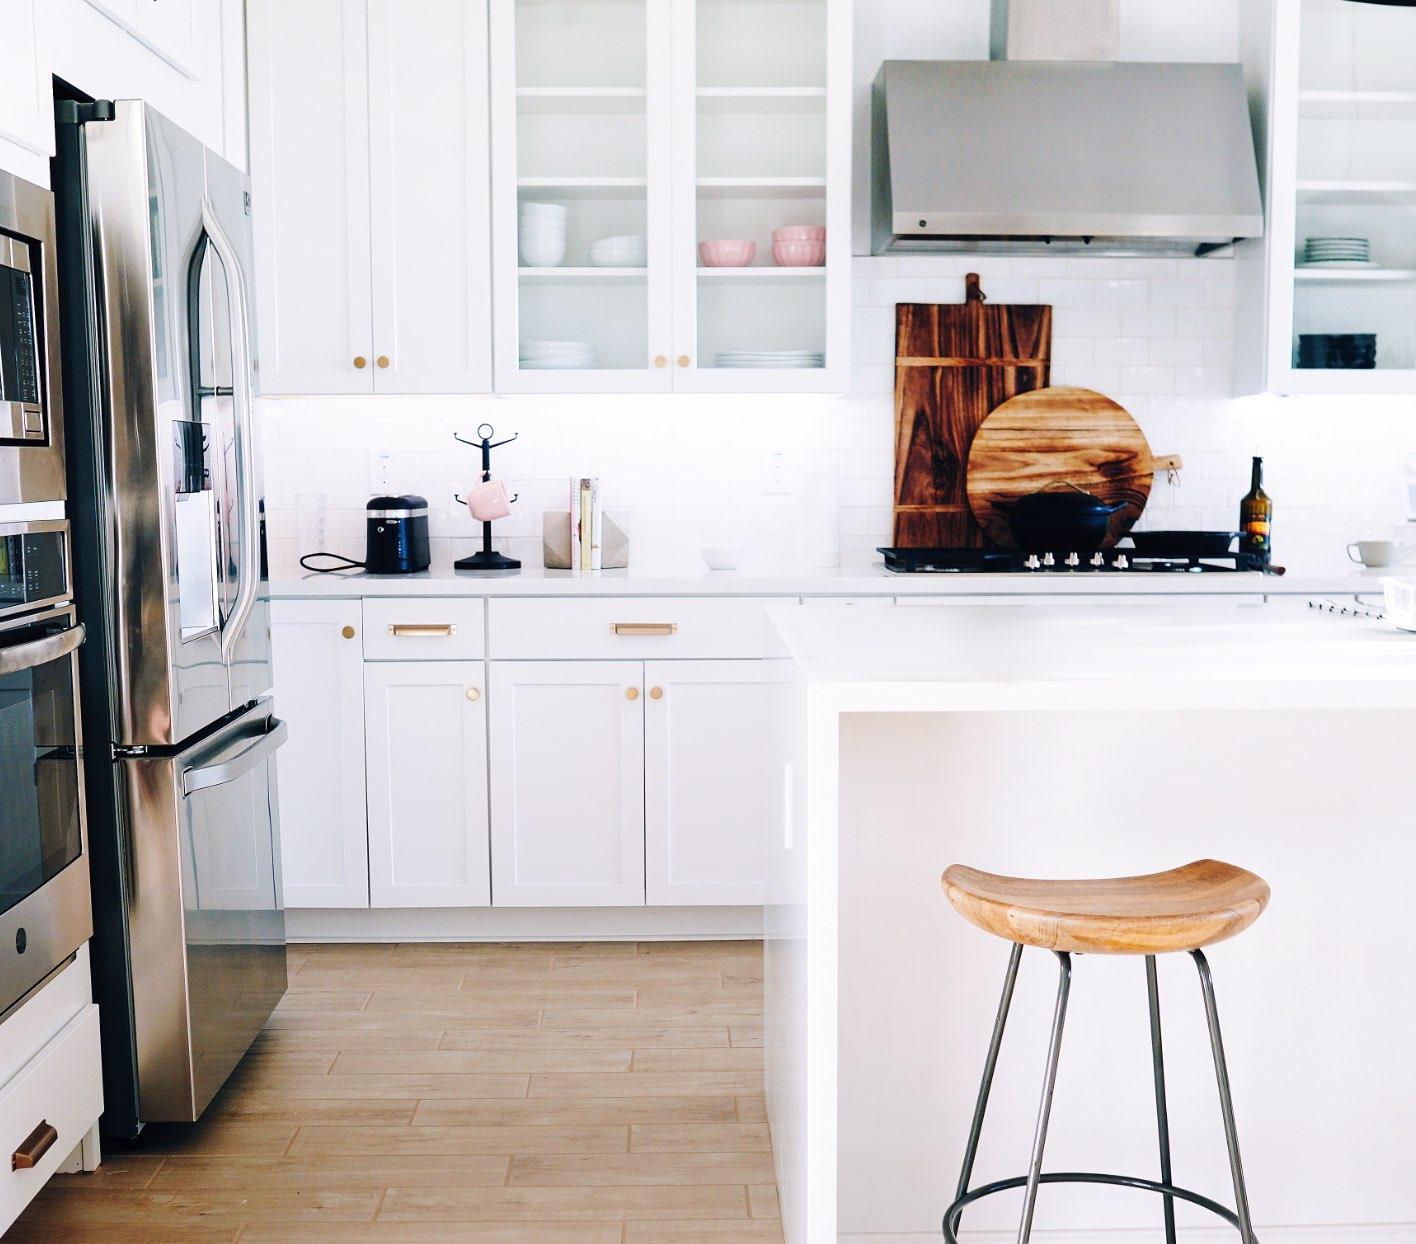 Modern Kitchen View with Center Island